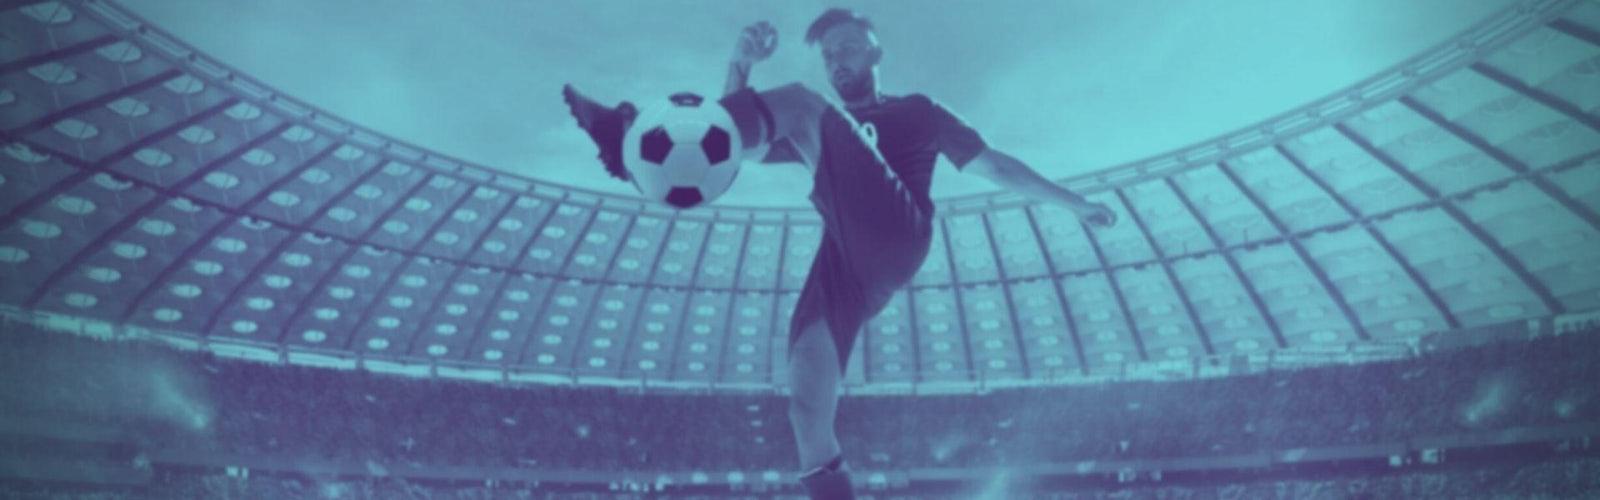 Sportwetten Anbieter Admiral Bundesliga Header Banner